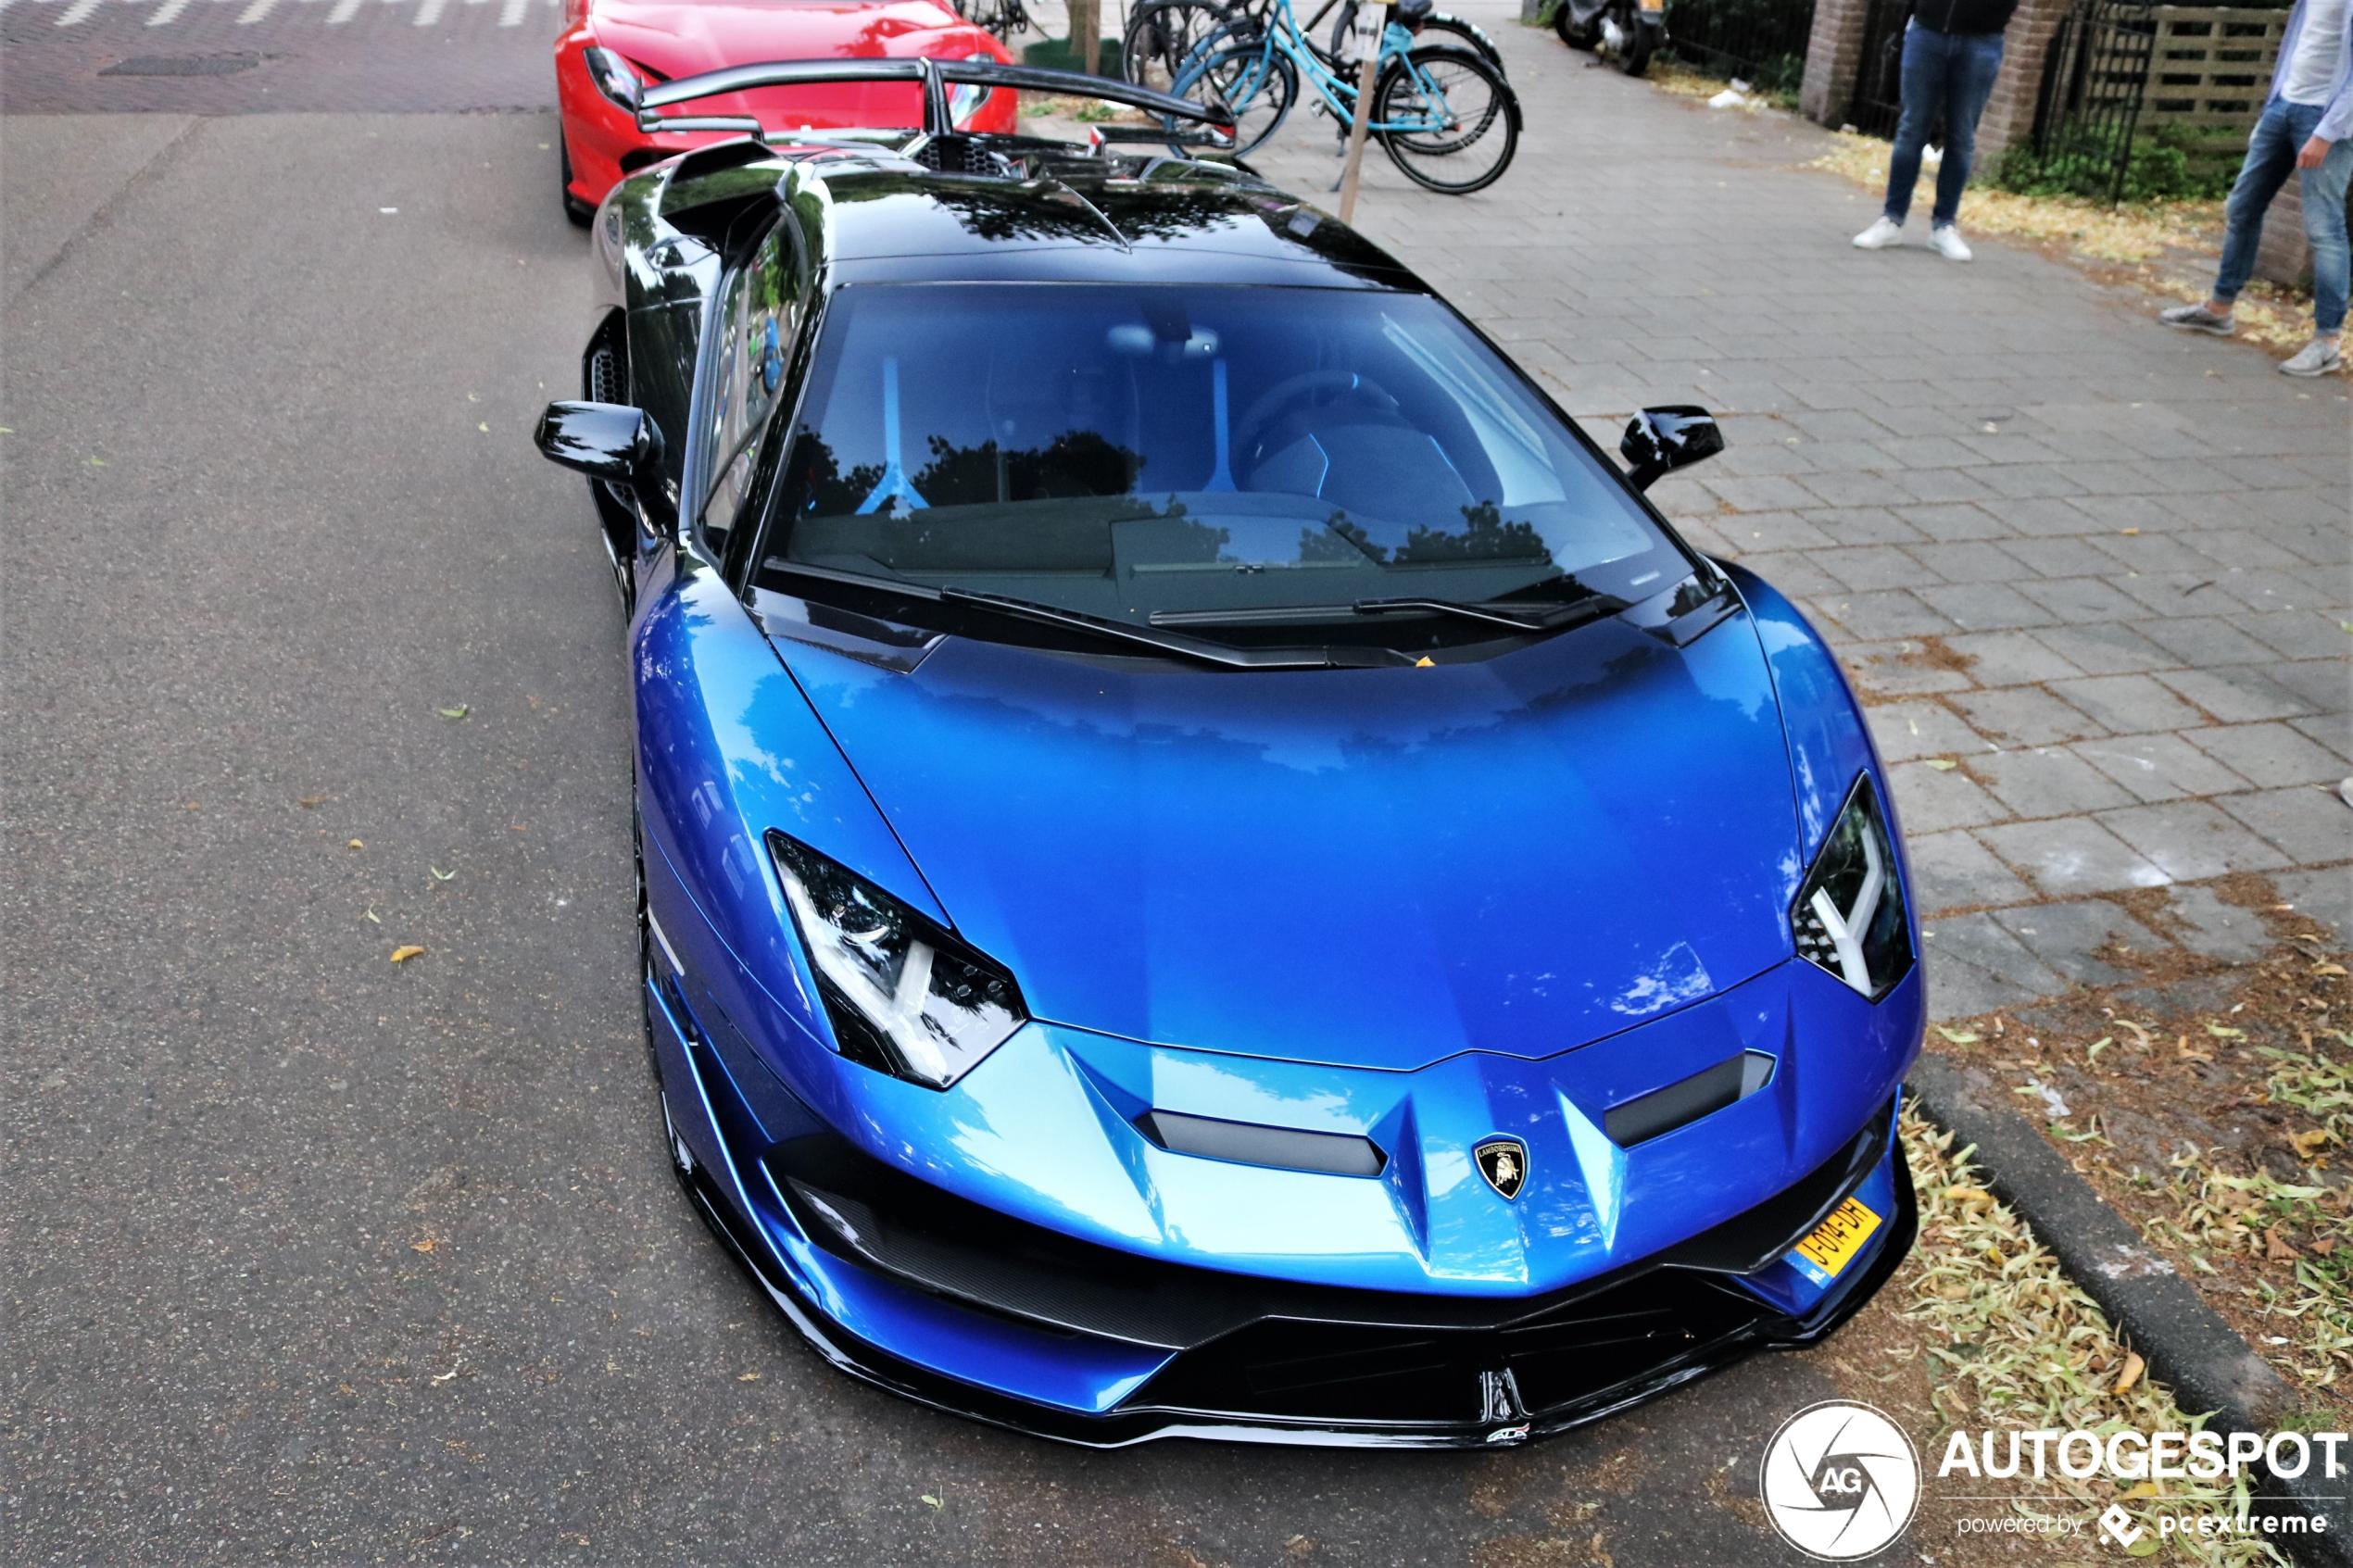 Topspot: Lamborghini Aventador LP770-4 SVJ Roadster in unieke kleur